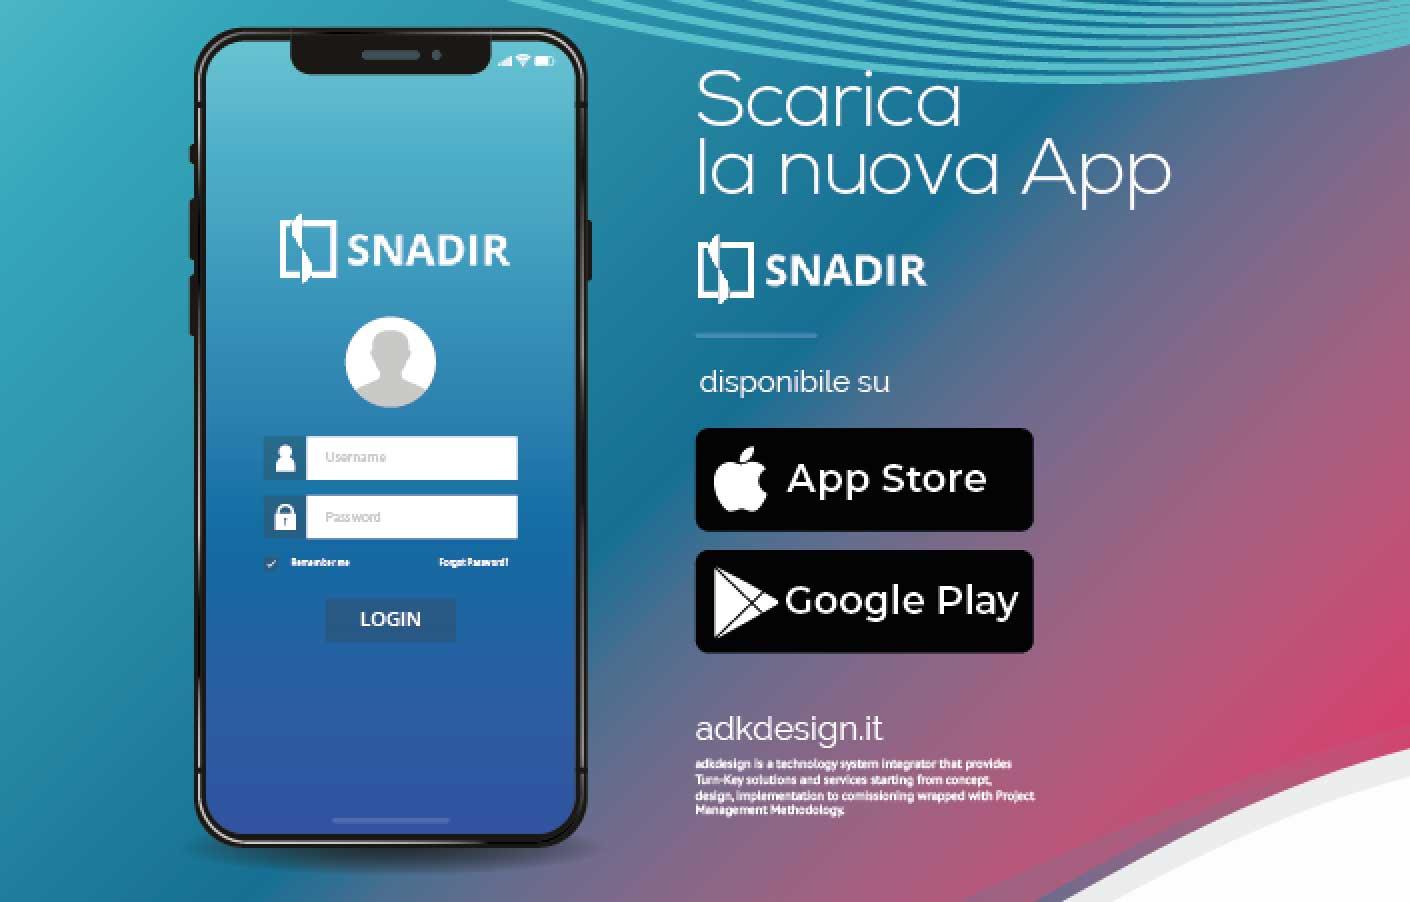 snadir-app2.jpg